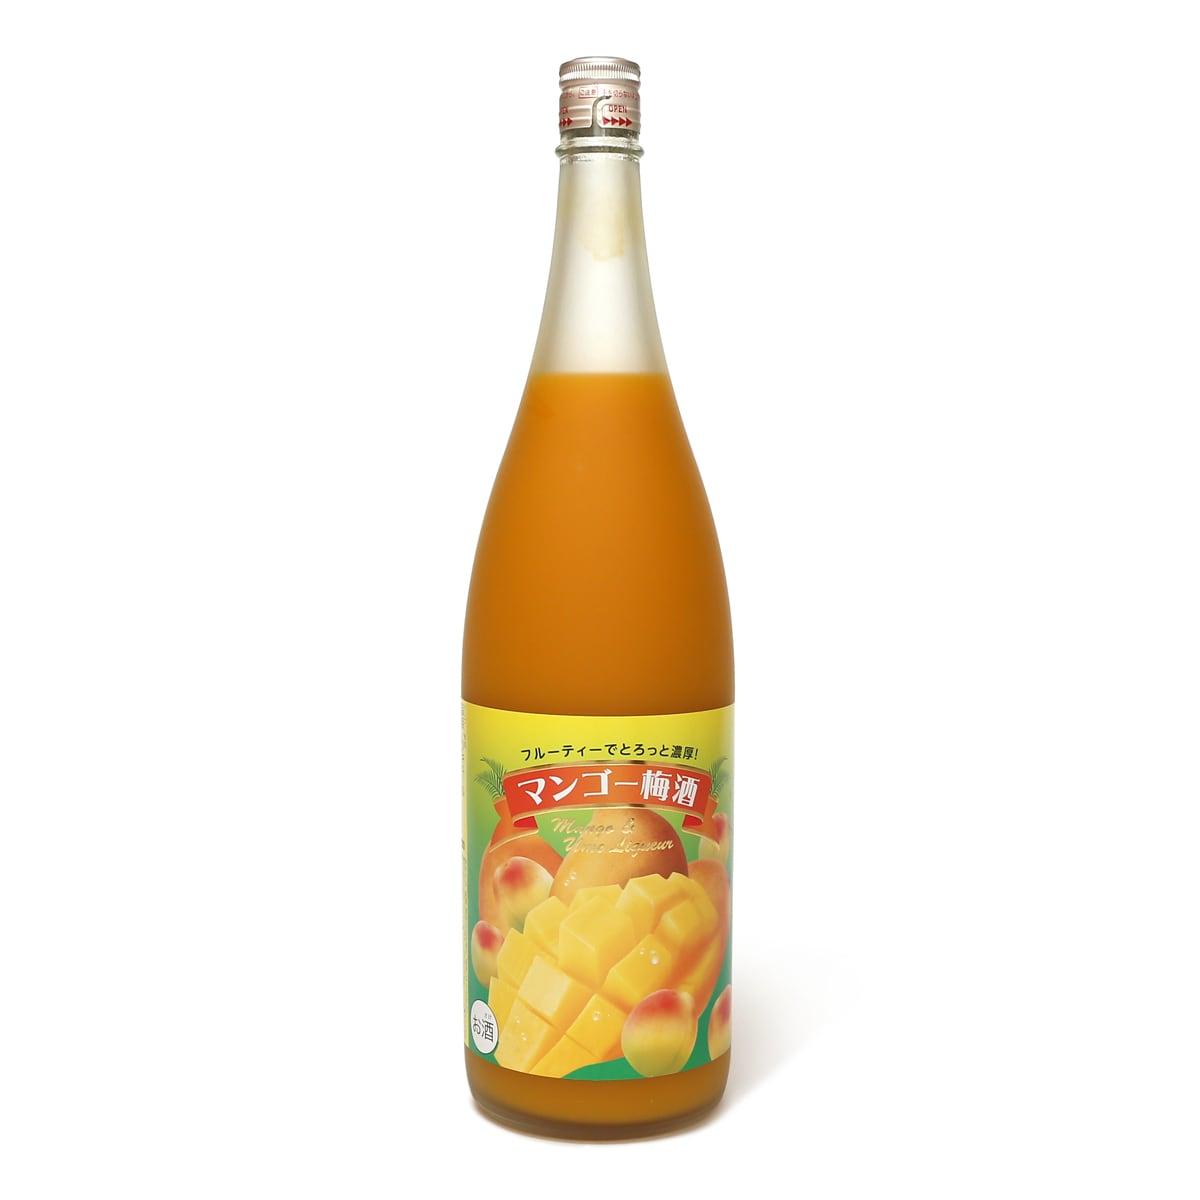 中田食品 マンゴー梅酒 1.8L